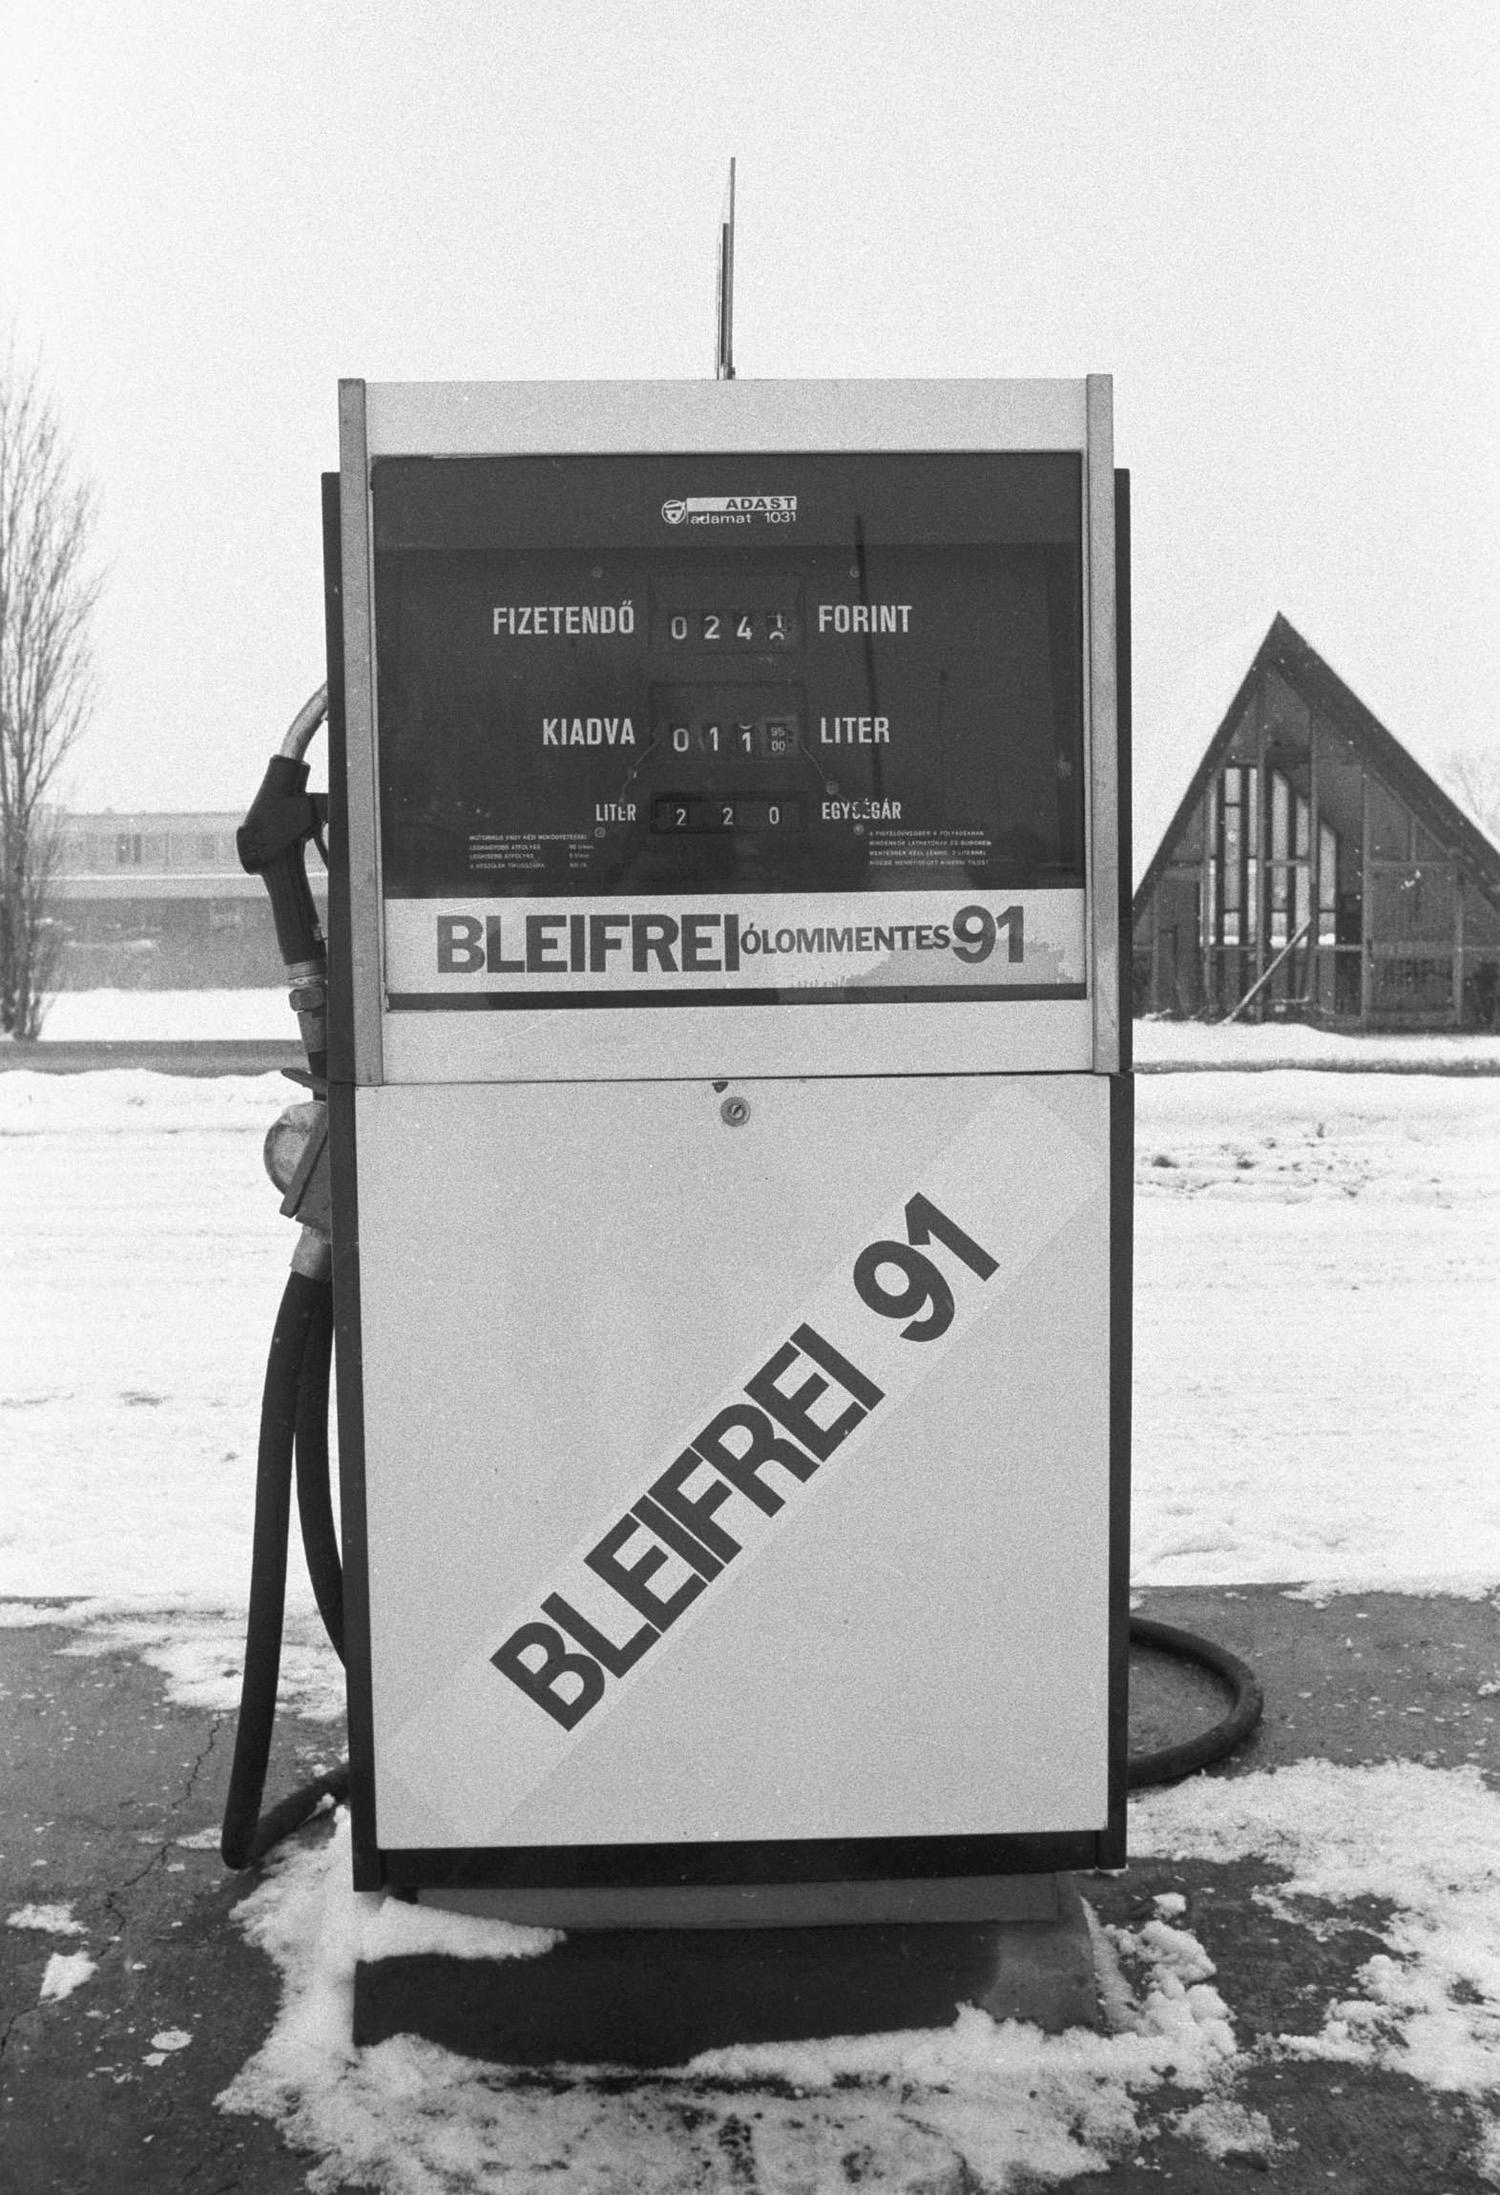 Budaörs, 1986. január 3. Budaörsön, az M7-es autópálya melletti Áfor benzinkútnál már megkezdõdött a hazai ólommentes benzin árusítása. Az Áfor (Ásványolaj-forgalmi Vállalat) tizenegy és az Interág két üzemanyagtöltõ állomása forgalmazza a 91-es oktánszámú ólommentes benzint, ami a Dunai Kõolajipari Vállalatnál készül és mindenben megfelel a szigorú Nyugat-európai elõírásoknak. MTI Fotó: Földi Imre